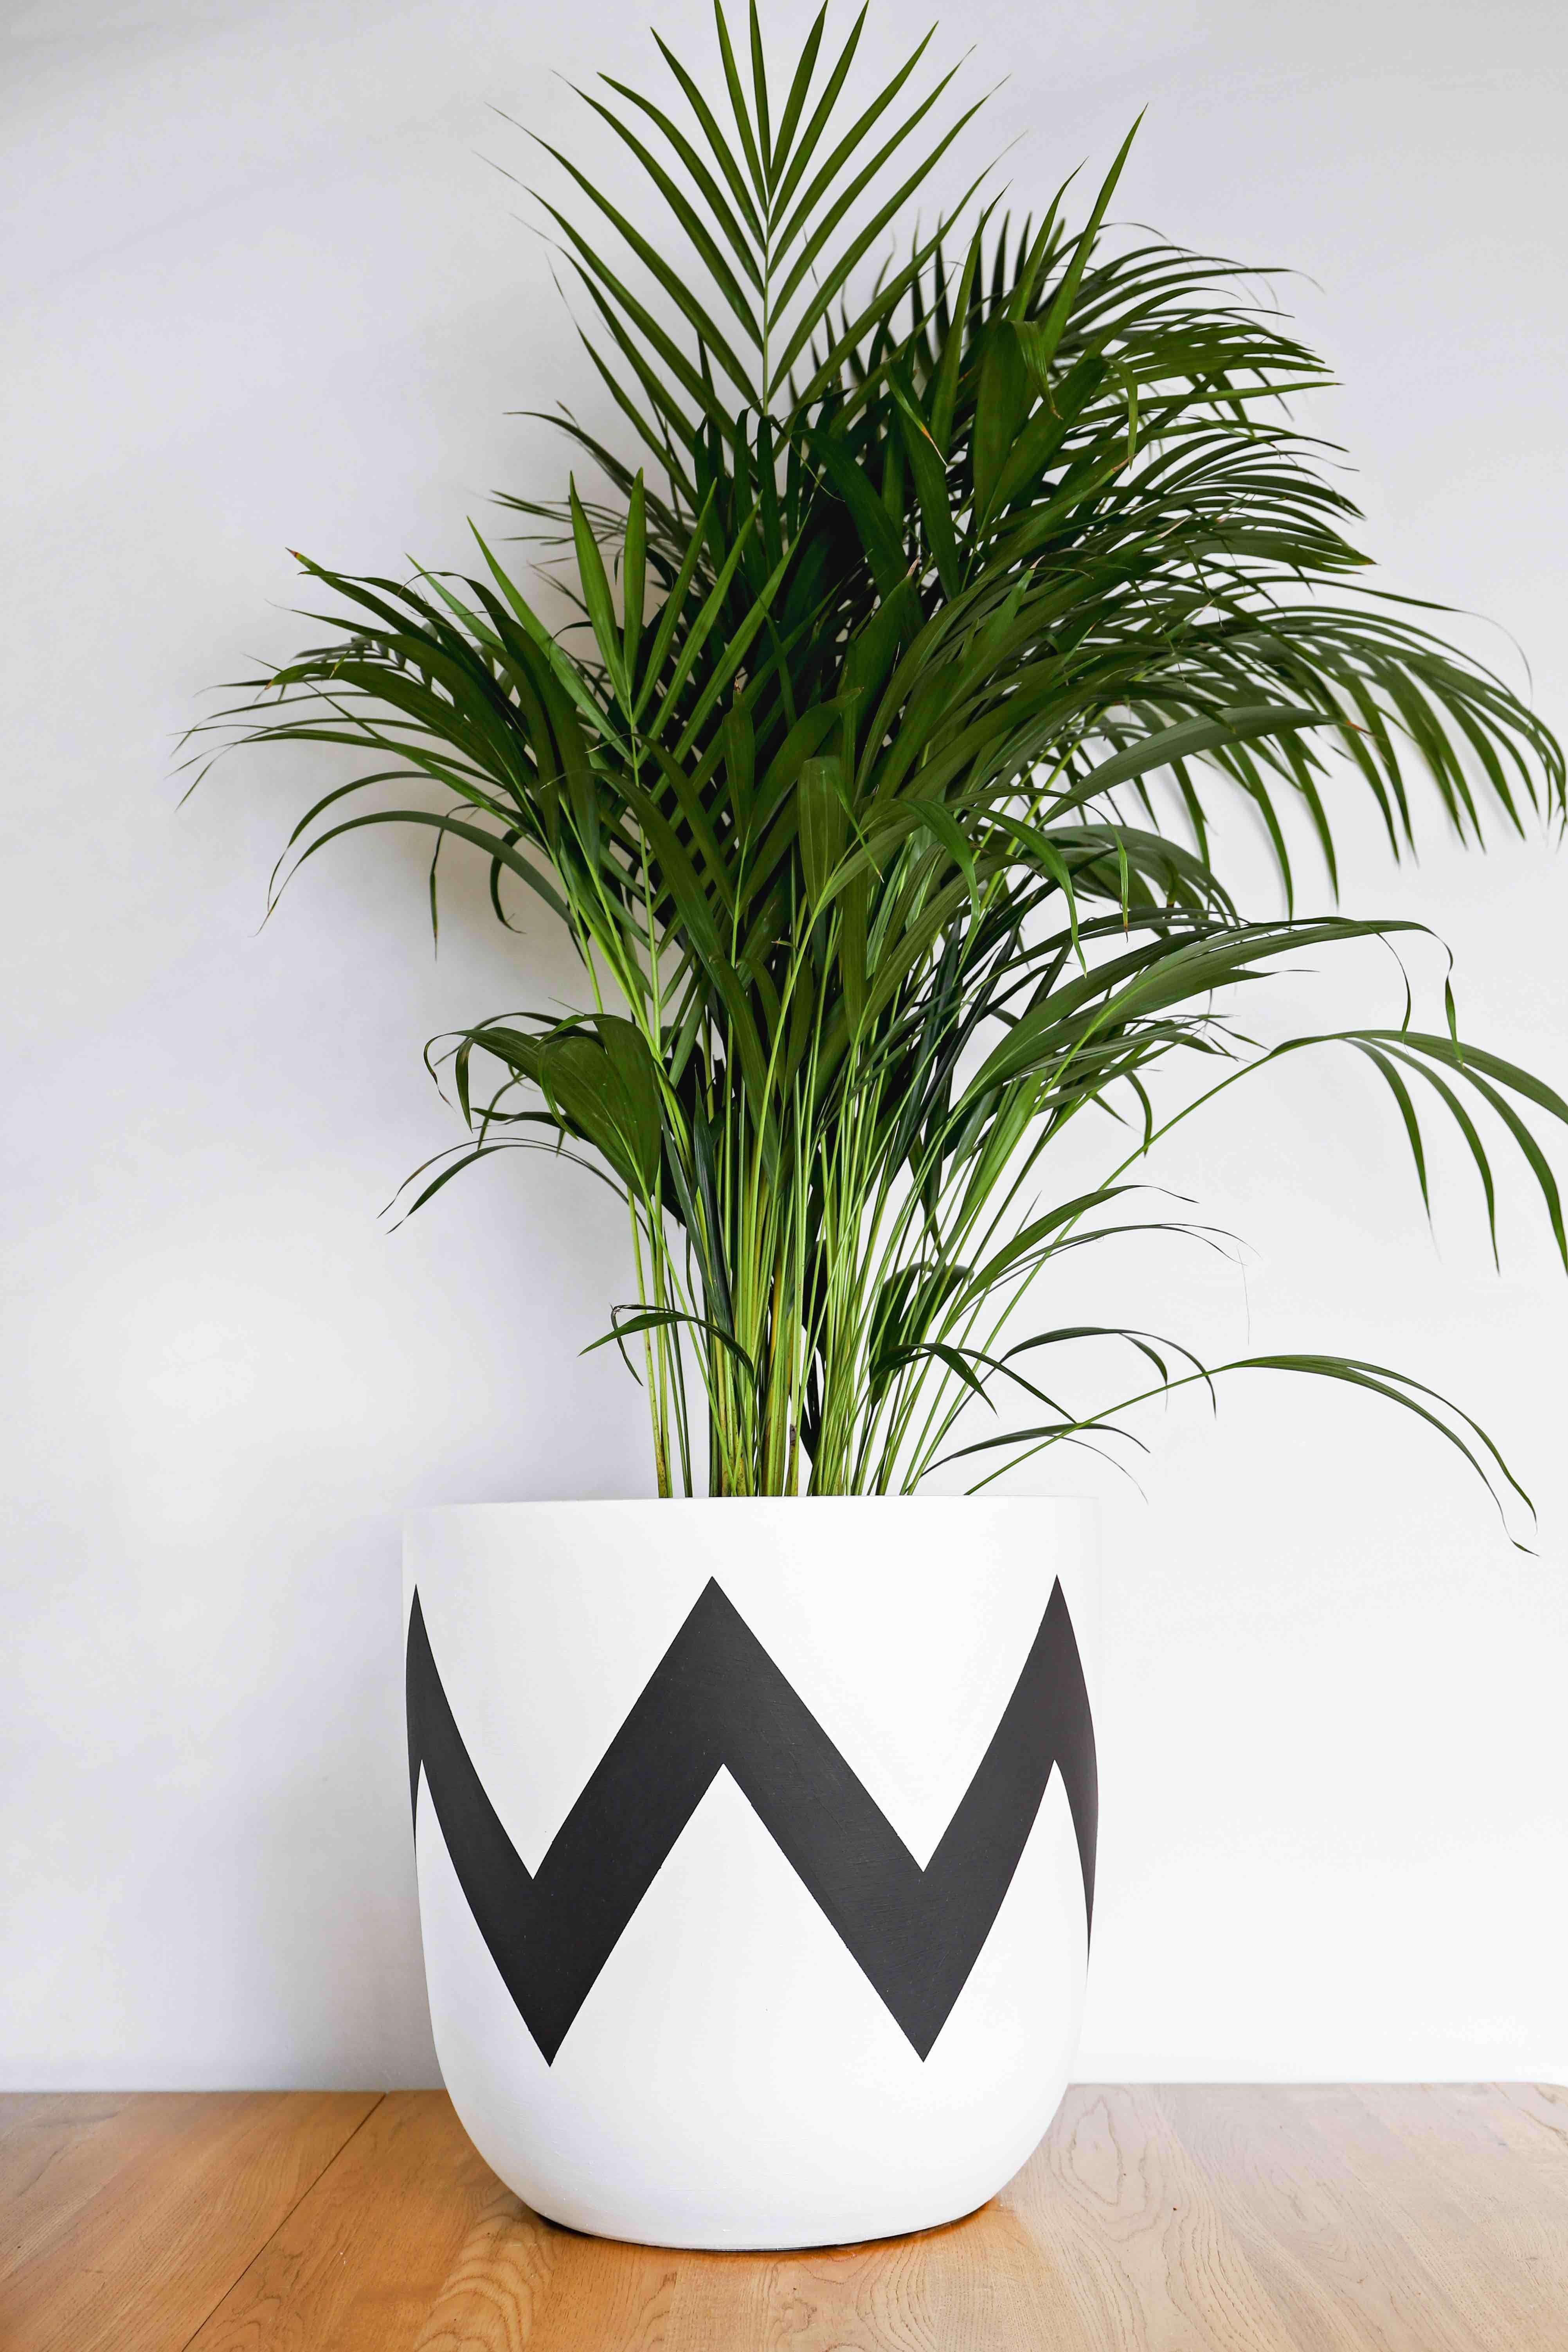 white plant pots on pow pots ziggy hand painted modern plant pot plant pot design painted plant pots plant pot diy pow pots ziggy hand painted modern plant pot plant pot design painted plant pots plant pot diy